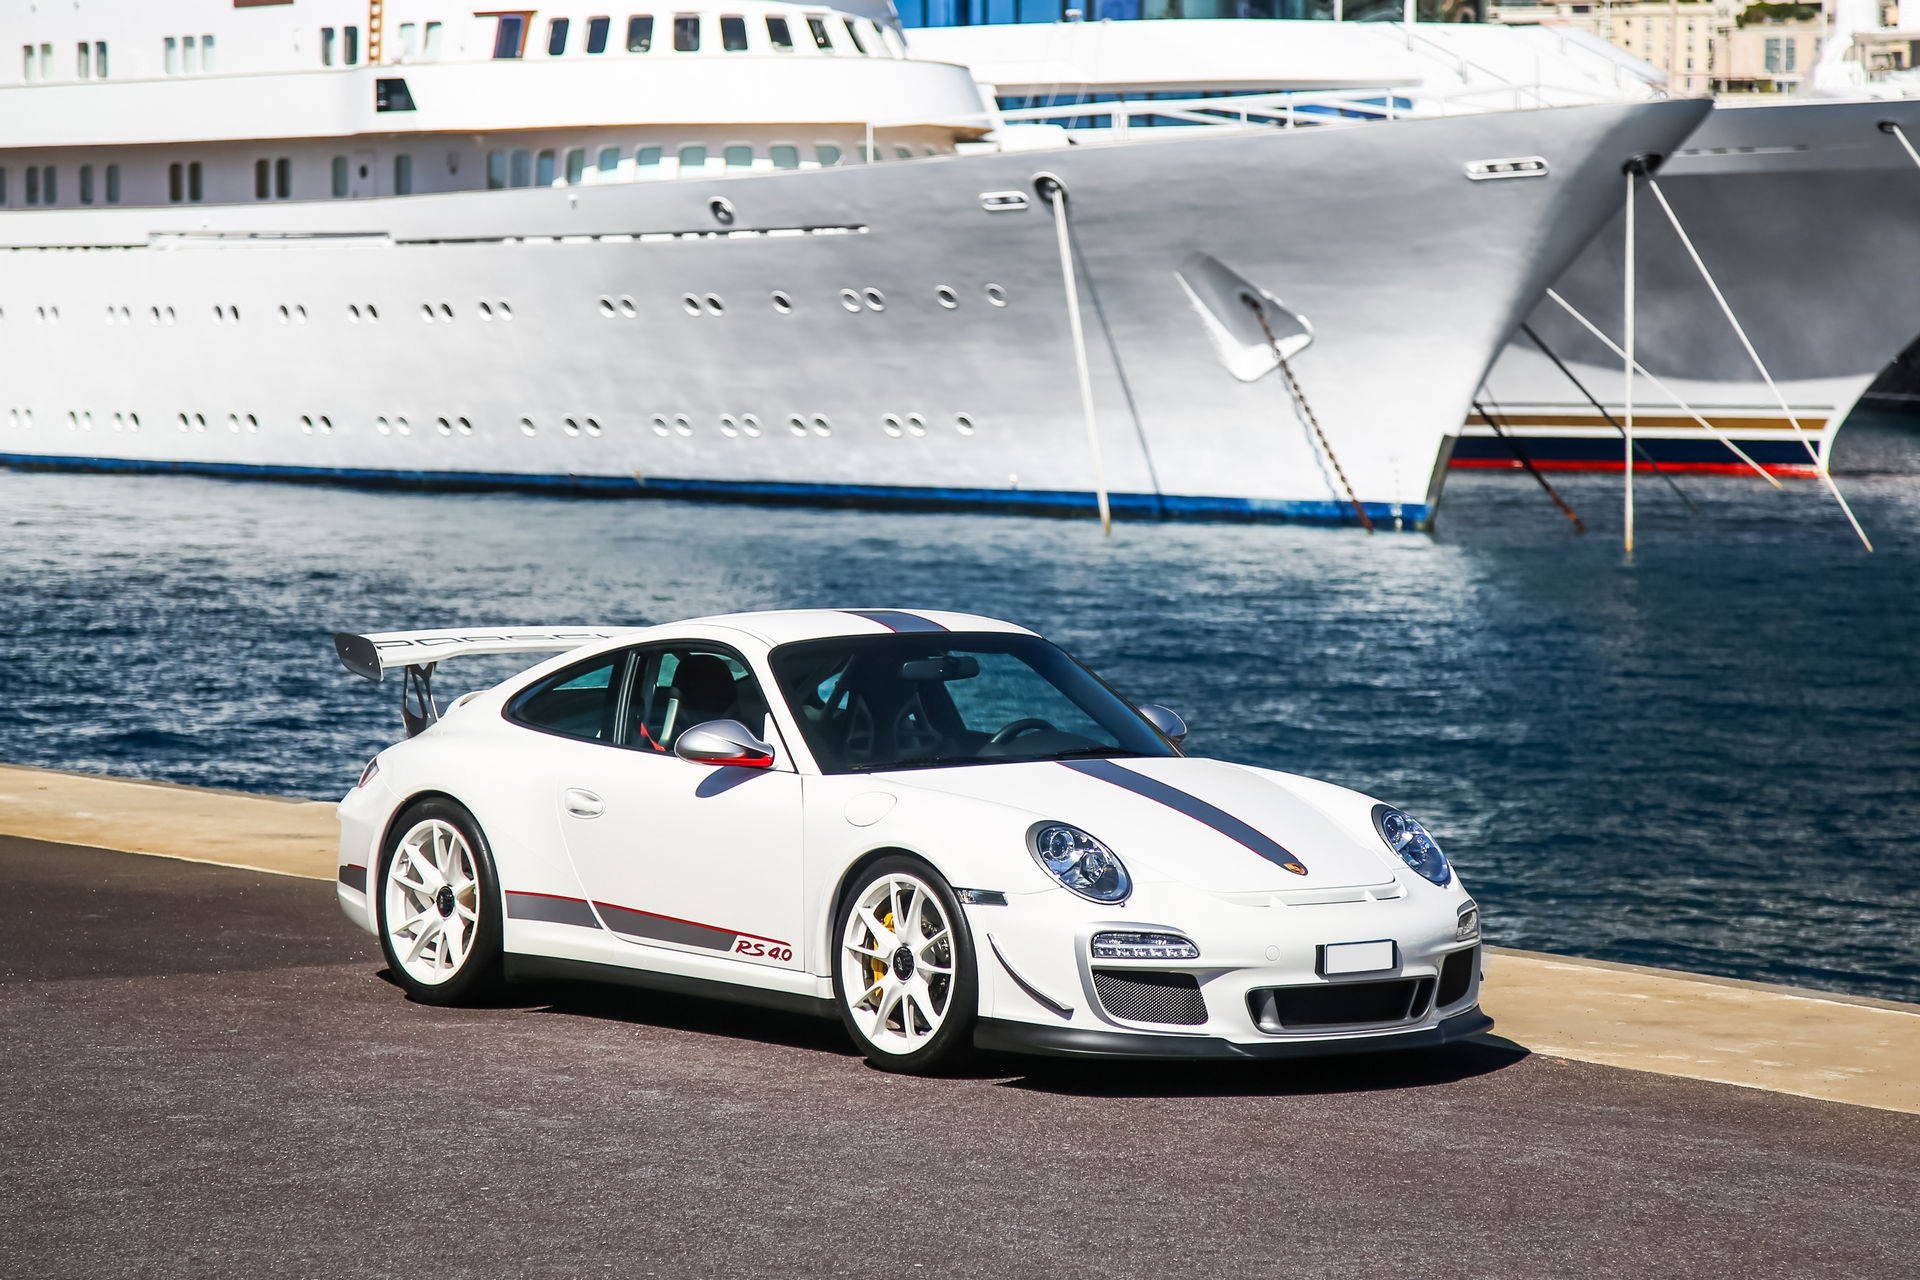 Ngam nhin Porsche 911 GT3 RS 4.0 2011 phien ban gioi han dac biet anh 25